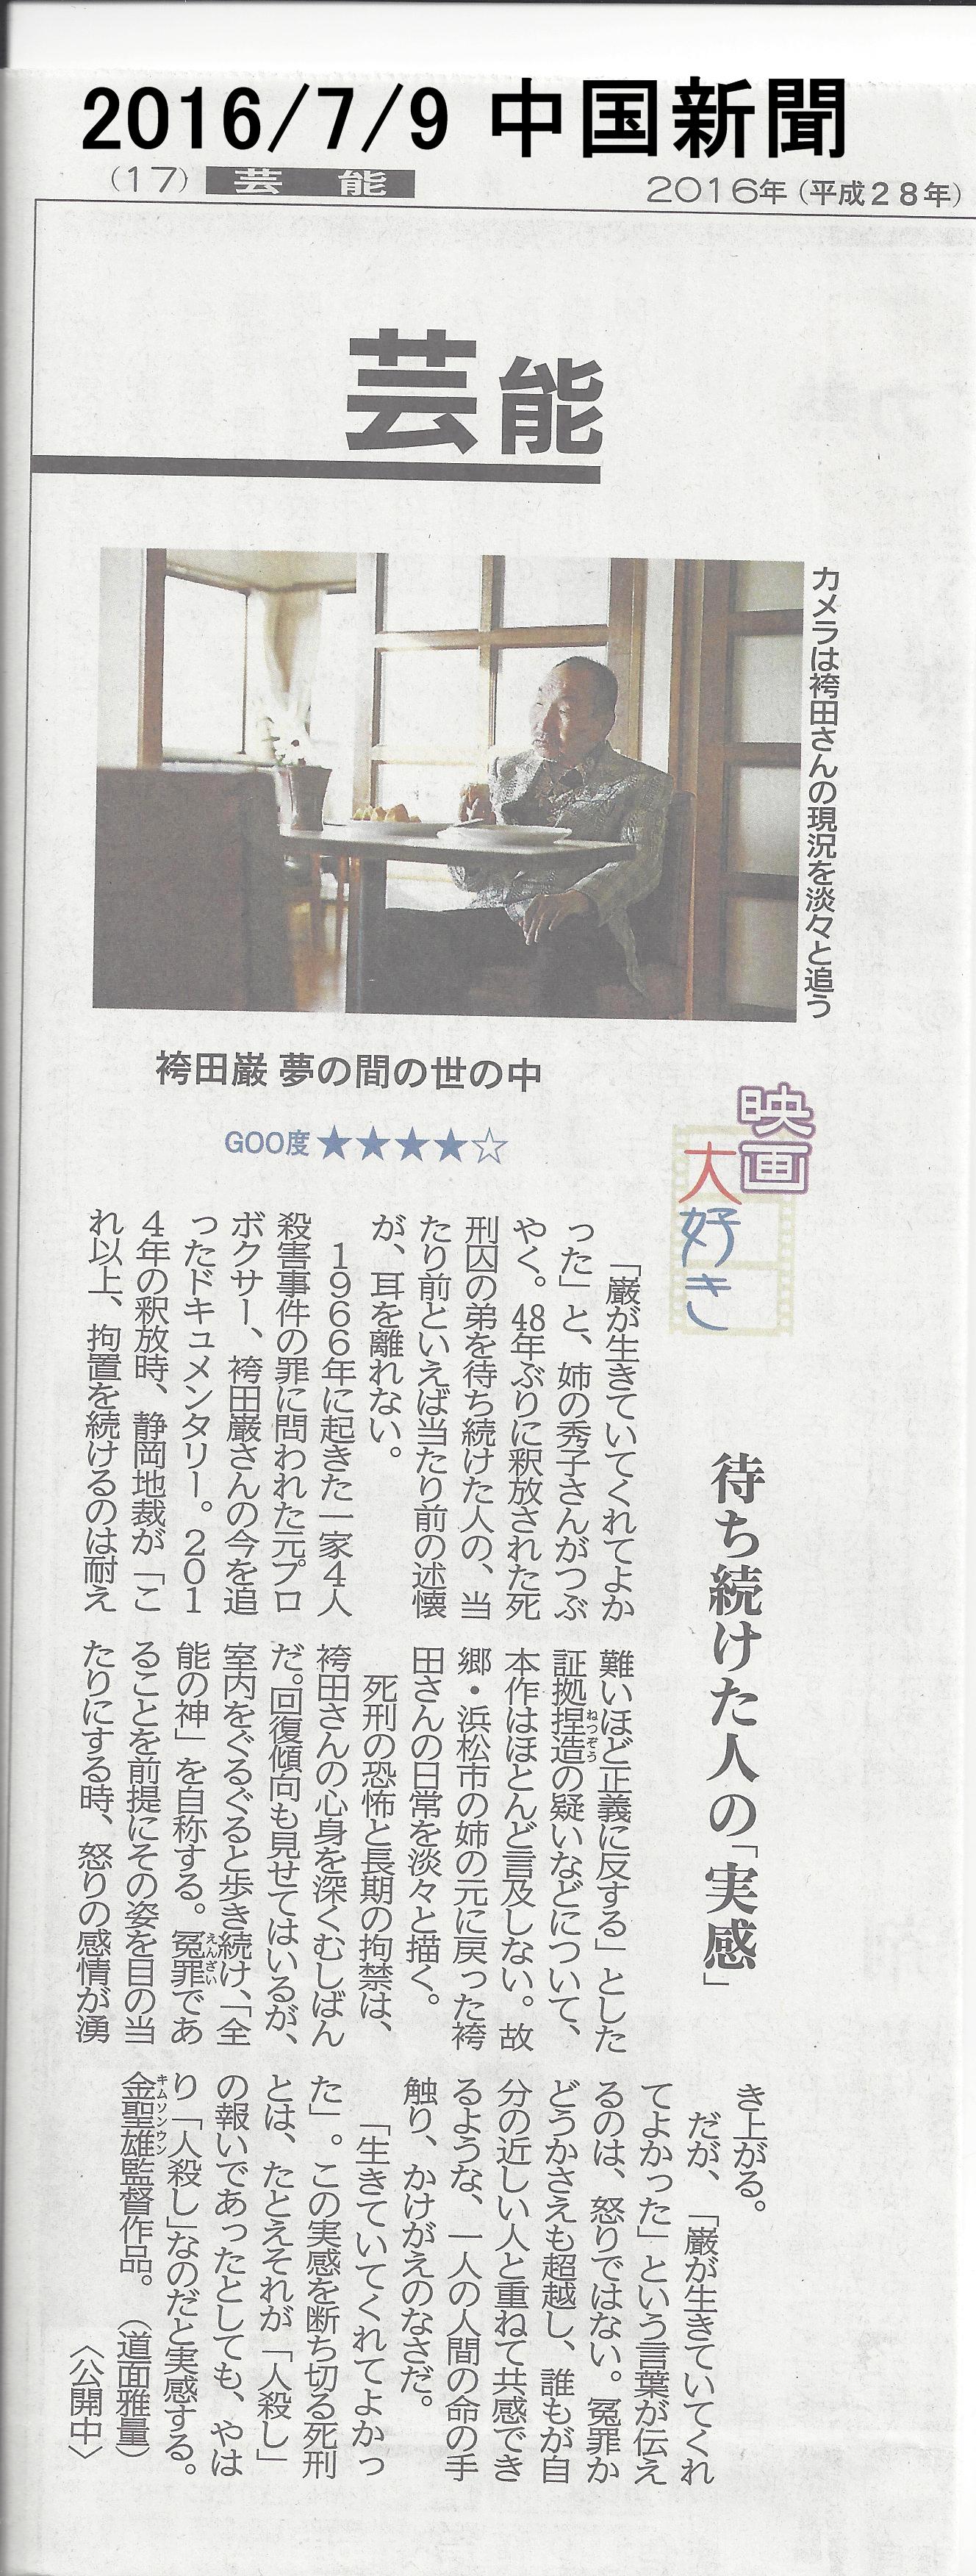 2016.7.9 中國新聞